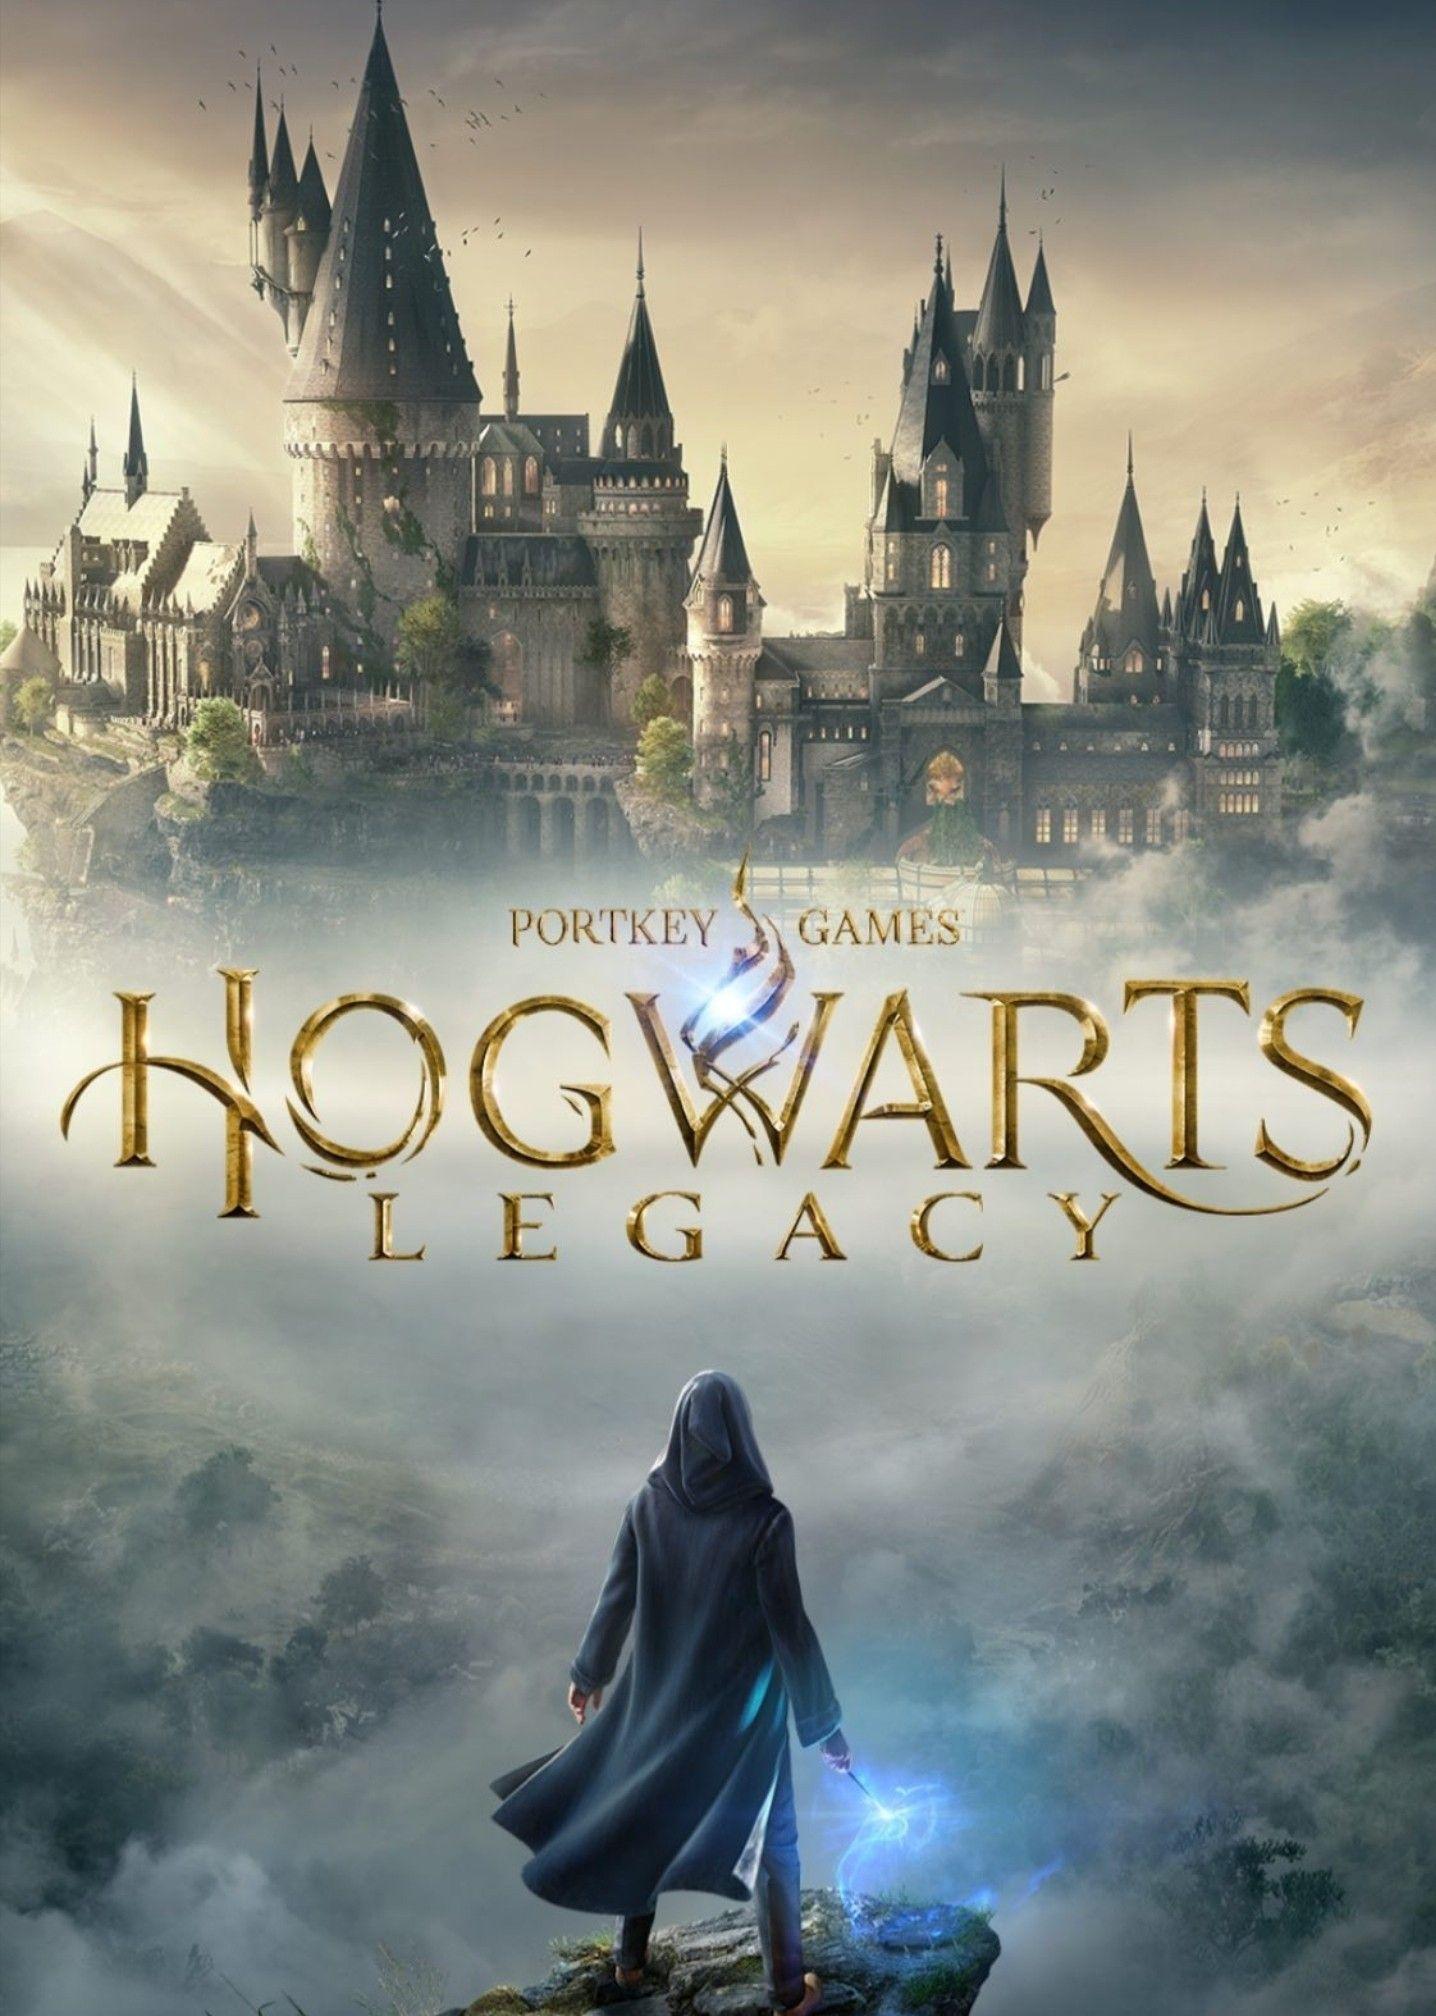 Hogwarts Legacy Is Coming Hogwarts Hogwarts Games Harry Potter Book Set